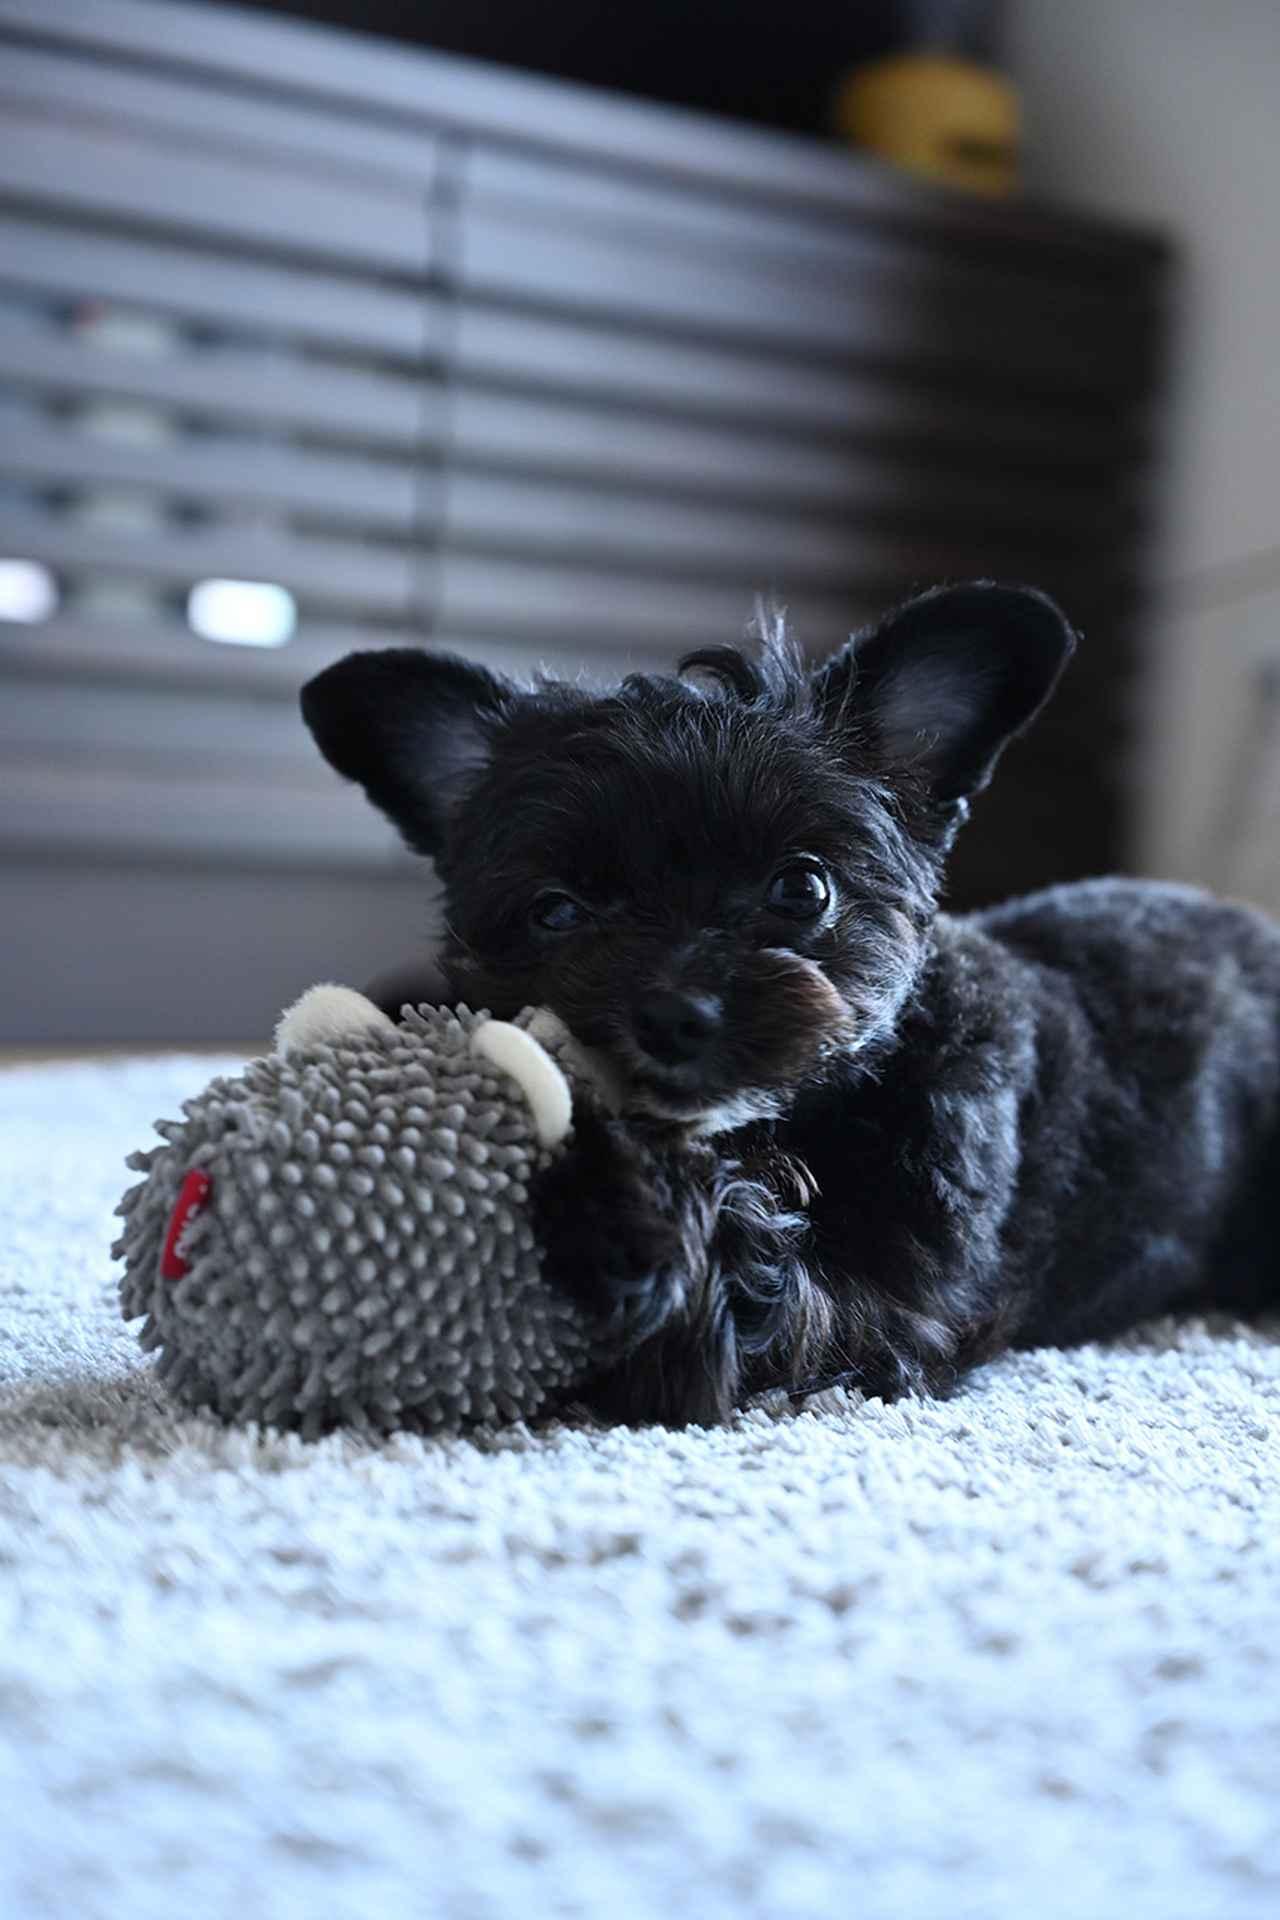 """画像: ▲犬がおもちゃで遊んでいるところを、リビングに寝そべって撮影。犬の高さに目線を合わせることによって臨場感のある、良い表情を捉えられた。犬が動いているシーンは「動物瞳AF」が活躍する。遊んでいるときはリラックスしているので、""""おうちフォト""""ならではの写真が撮れる。一瞬ごとに変化する可愛い表情を捉えるのに何回もシャッターを押した。 ■ニコン Z 7 NIKKOR Z 24-70mm F4 S 焦点距離70mm 絞りF5 1/60秒 ISO1250"""